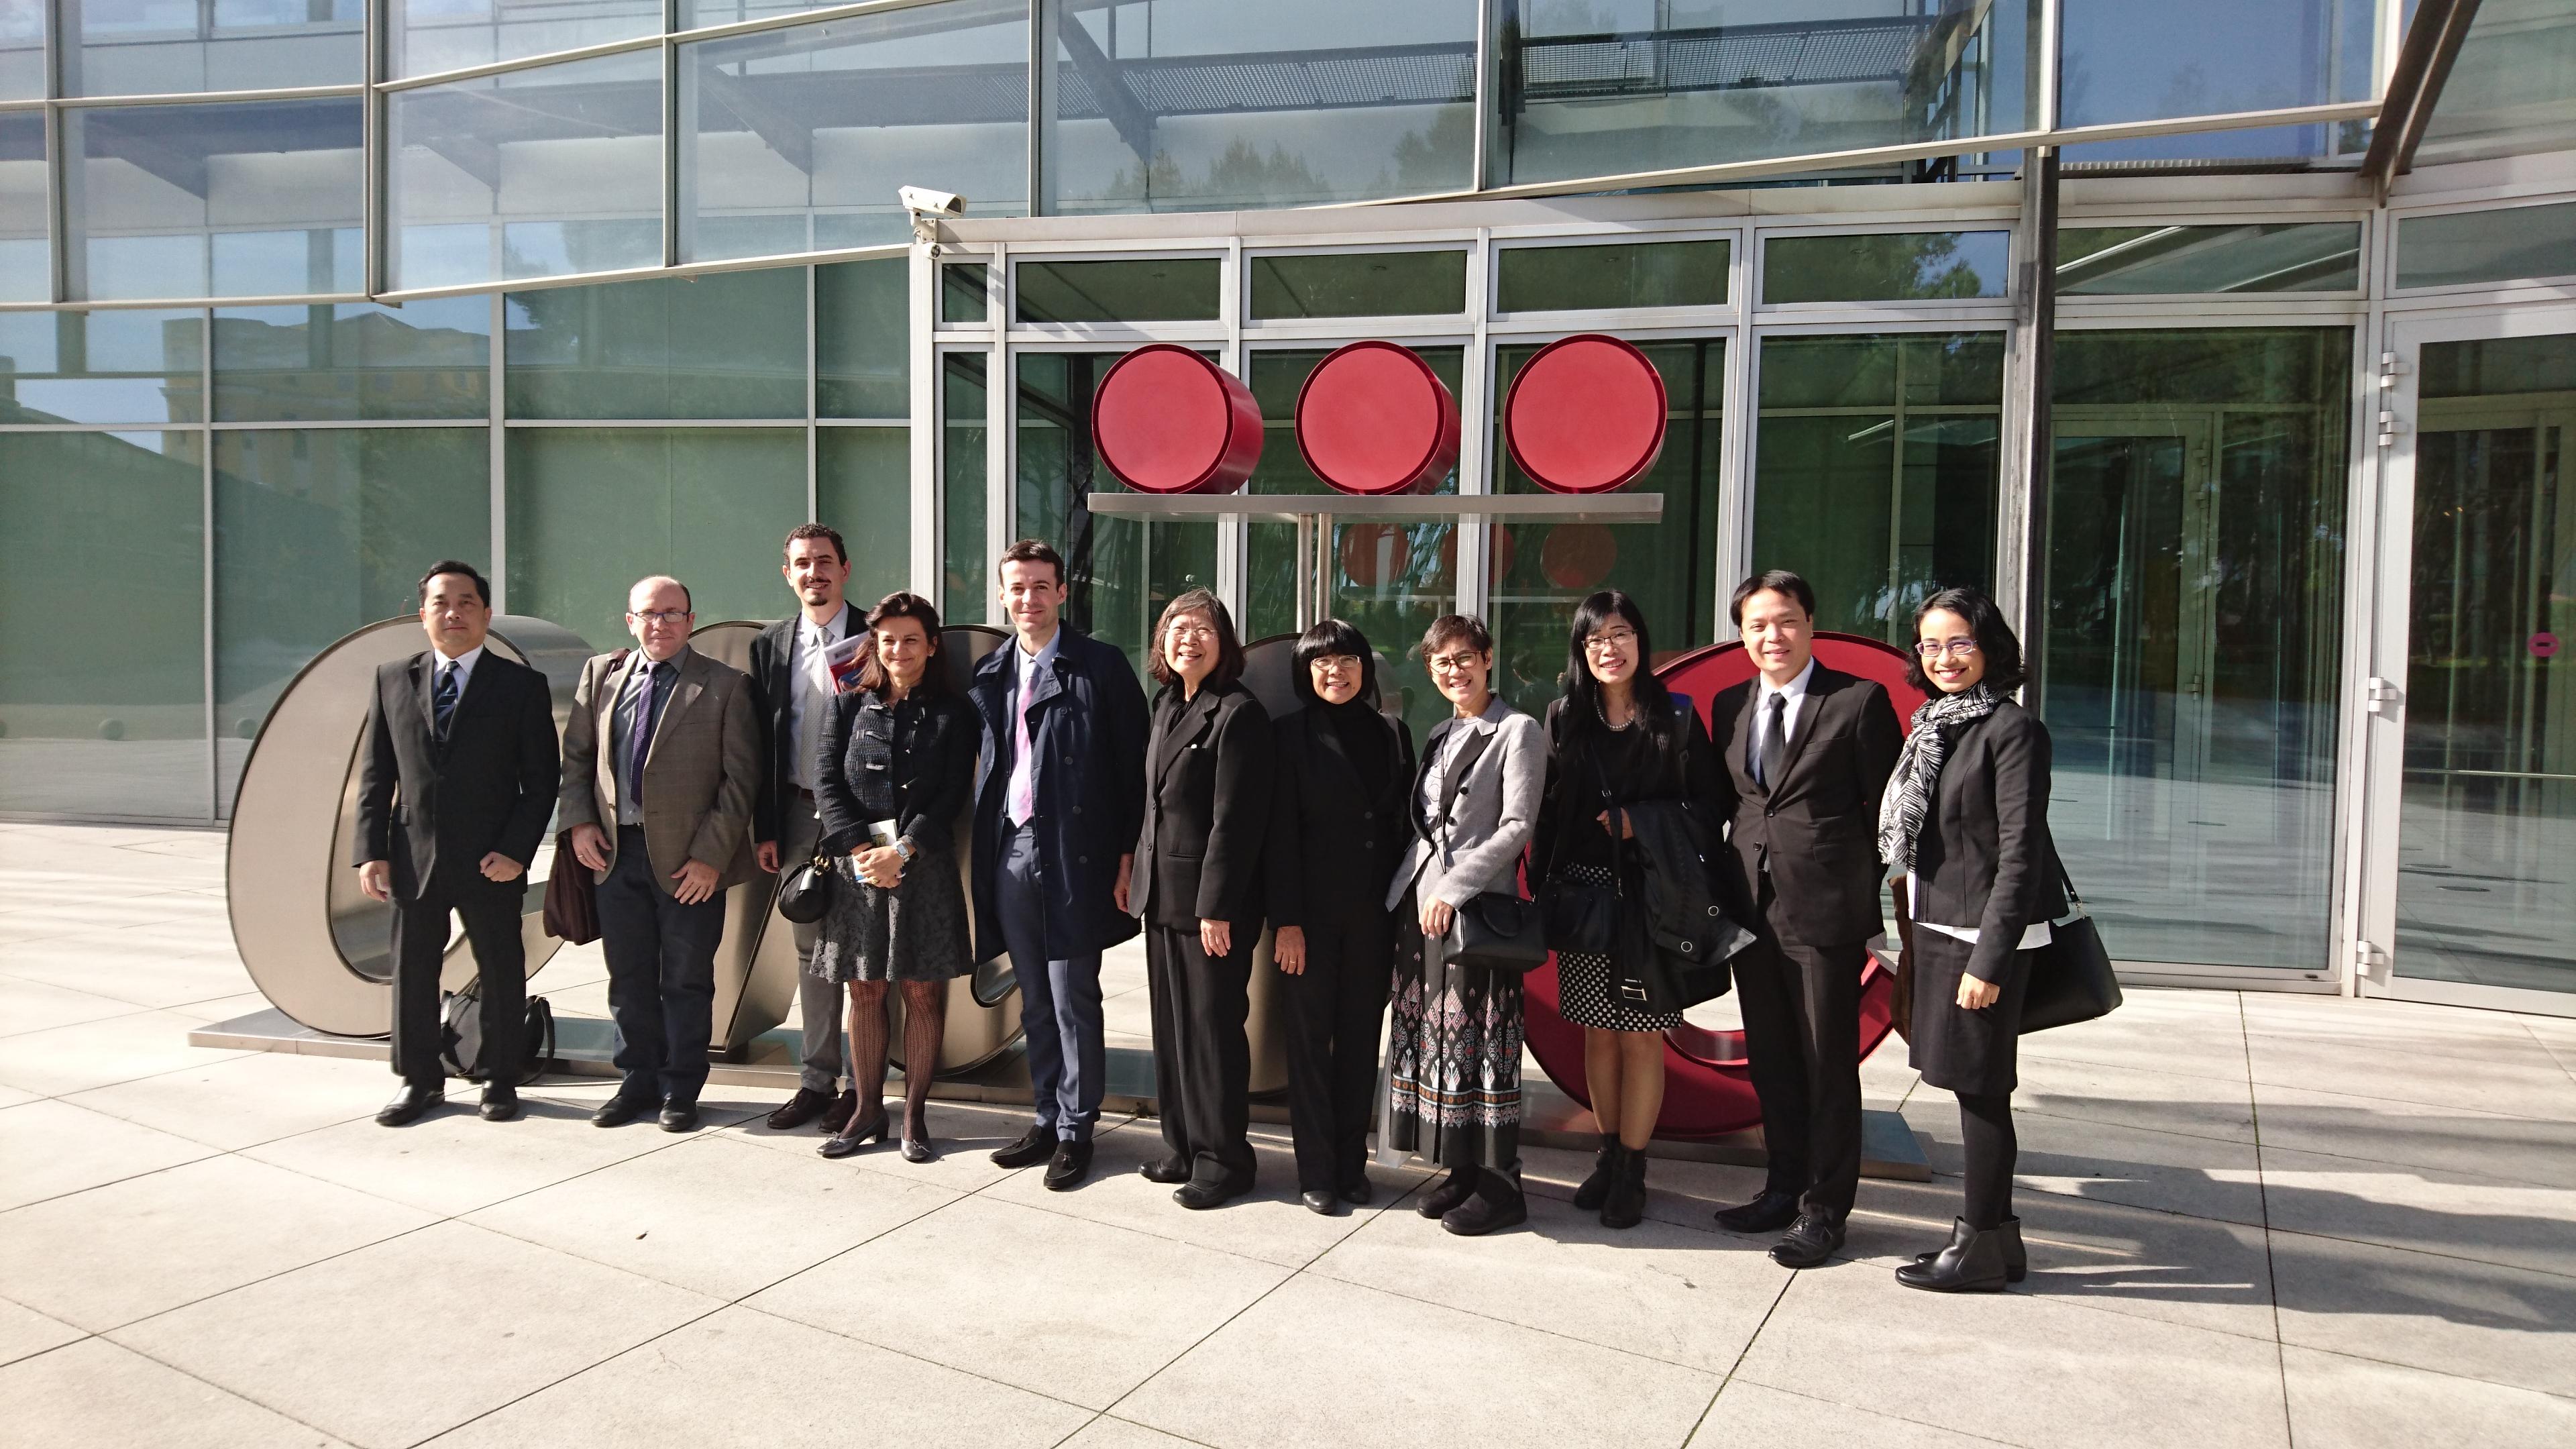 Representantes del sector tecnológico de Tailandia visitan el CNIC